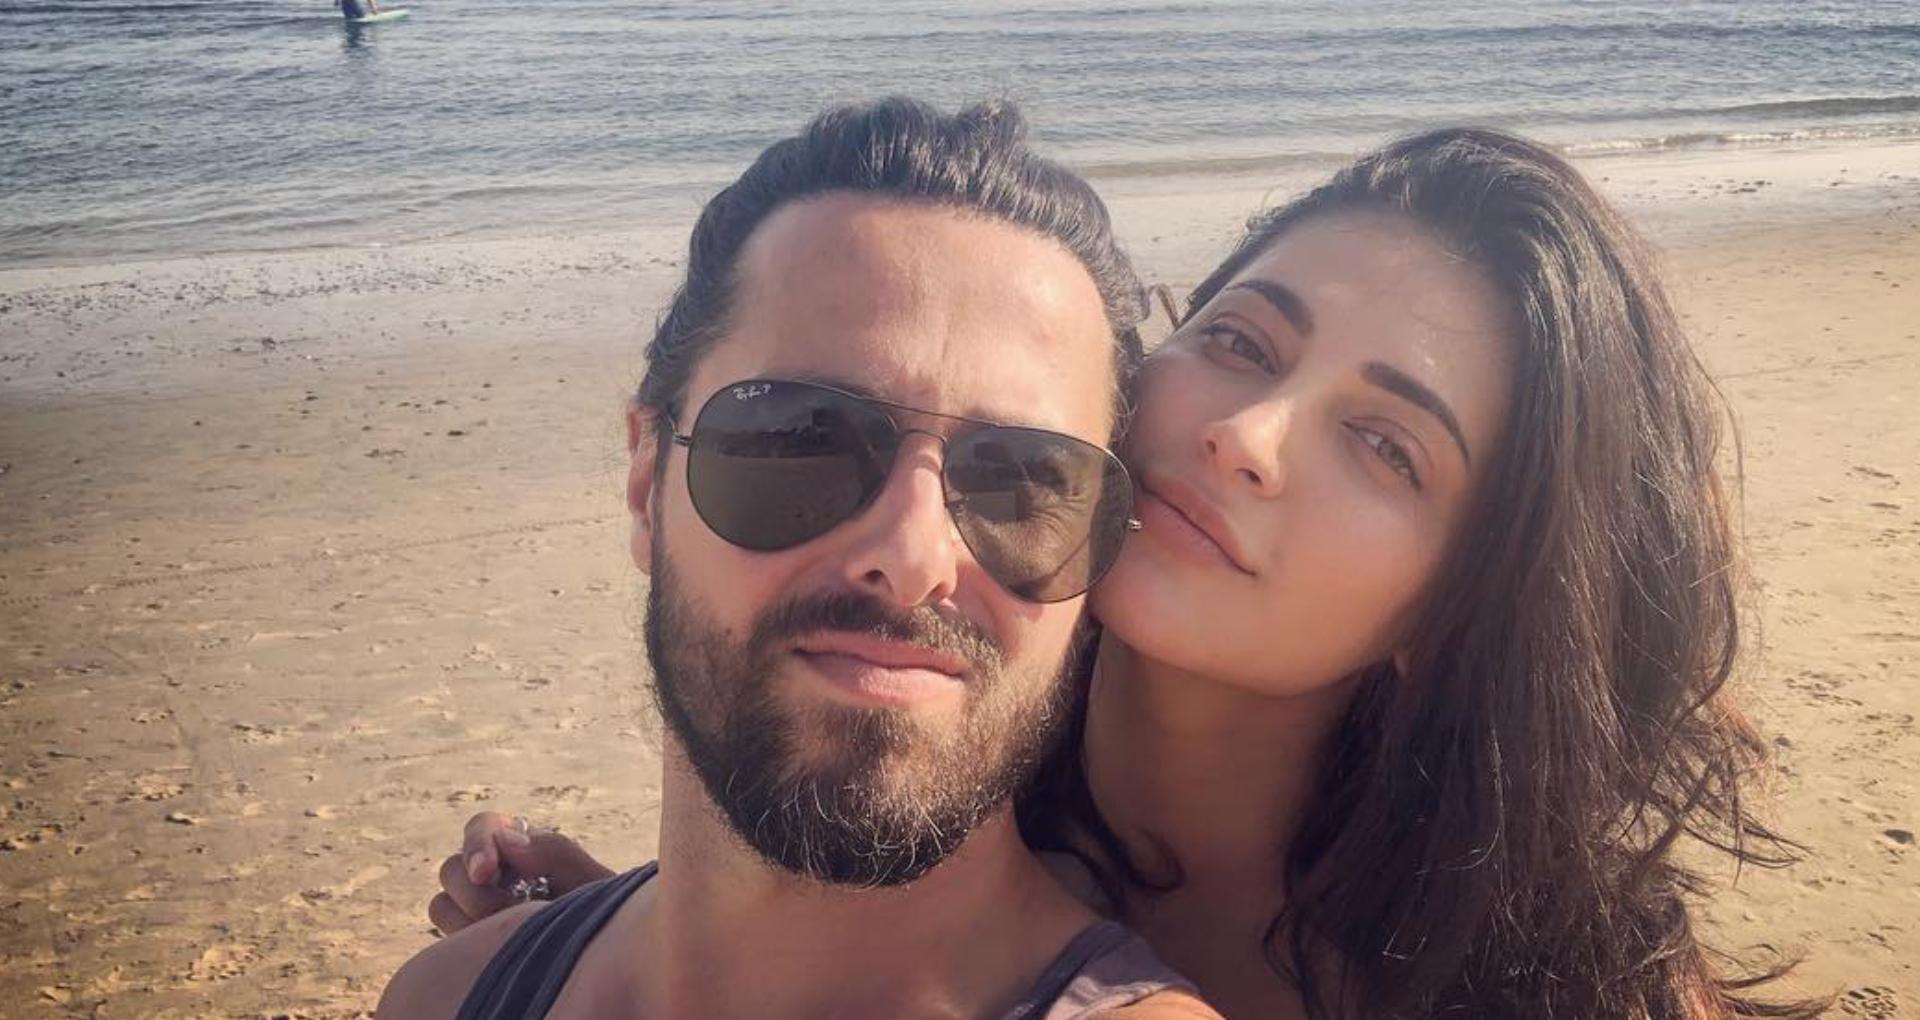 श्रुति हसन ब्वॉयफ्रेंड माइकल कोर्सेले से कब रचाएंगी शादी, जानिए फिल्म एक्ट्रेस का जवाब